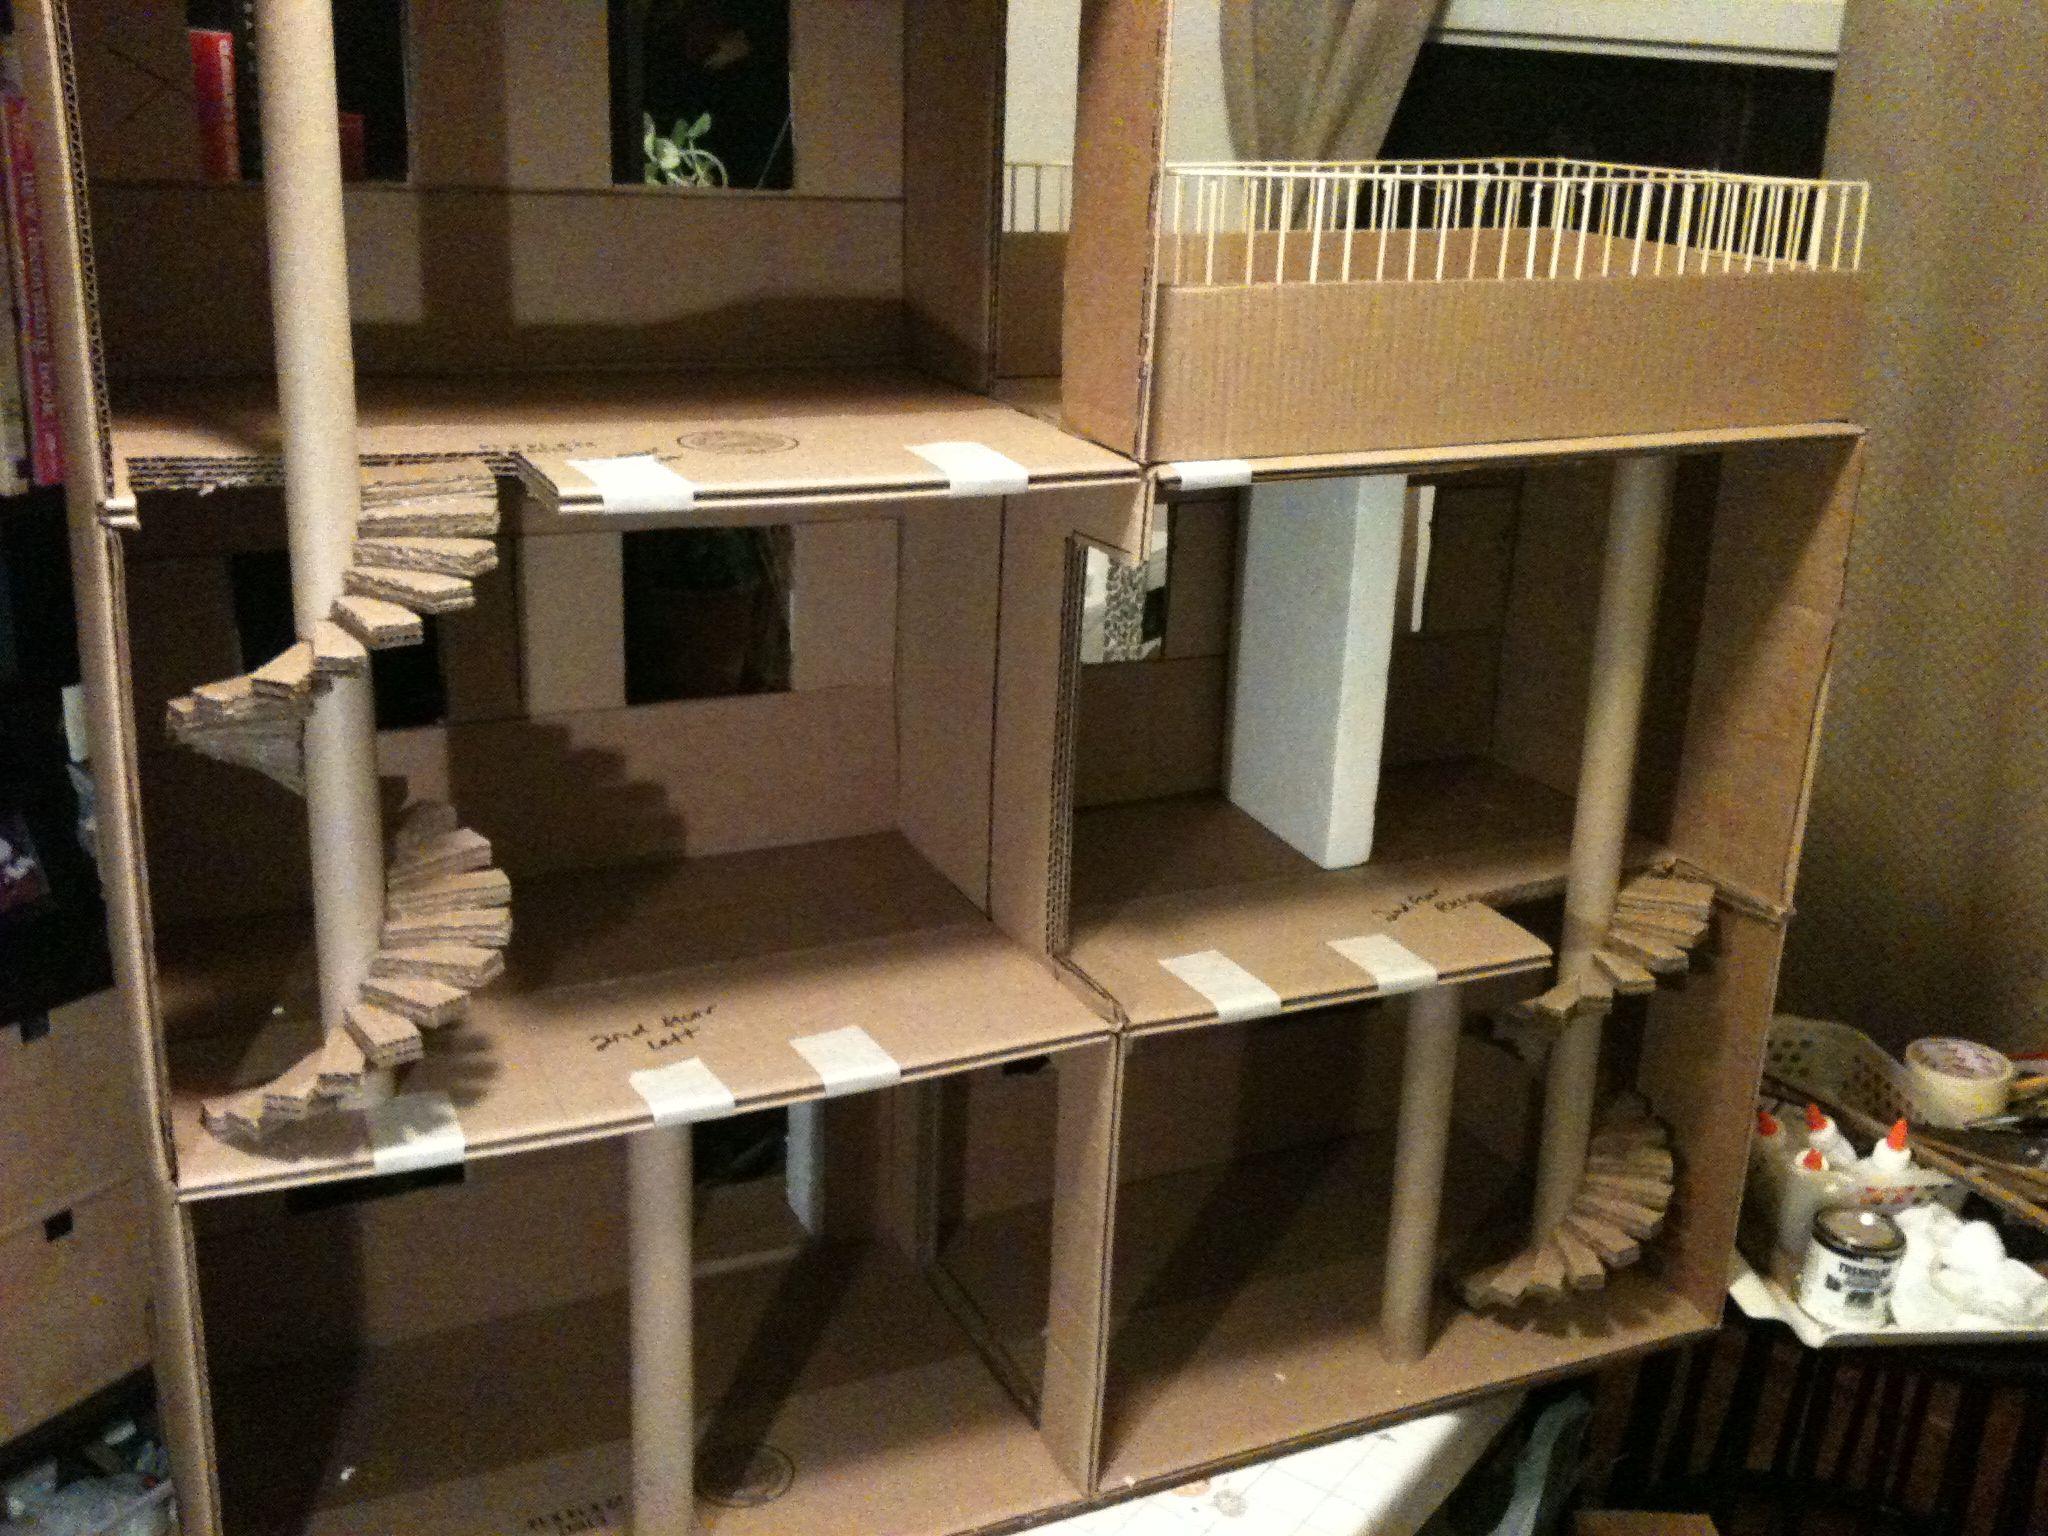 monster high doll house bing images doll dioramas pinterest barbie barbie m bel und karton. Black Bedroom Furniture Sets. Home Design Ideas